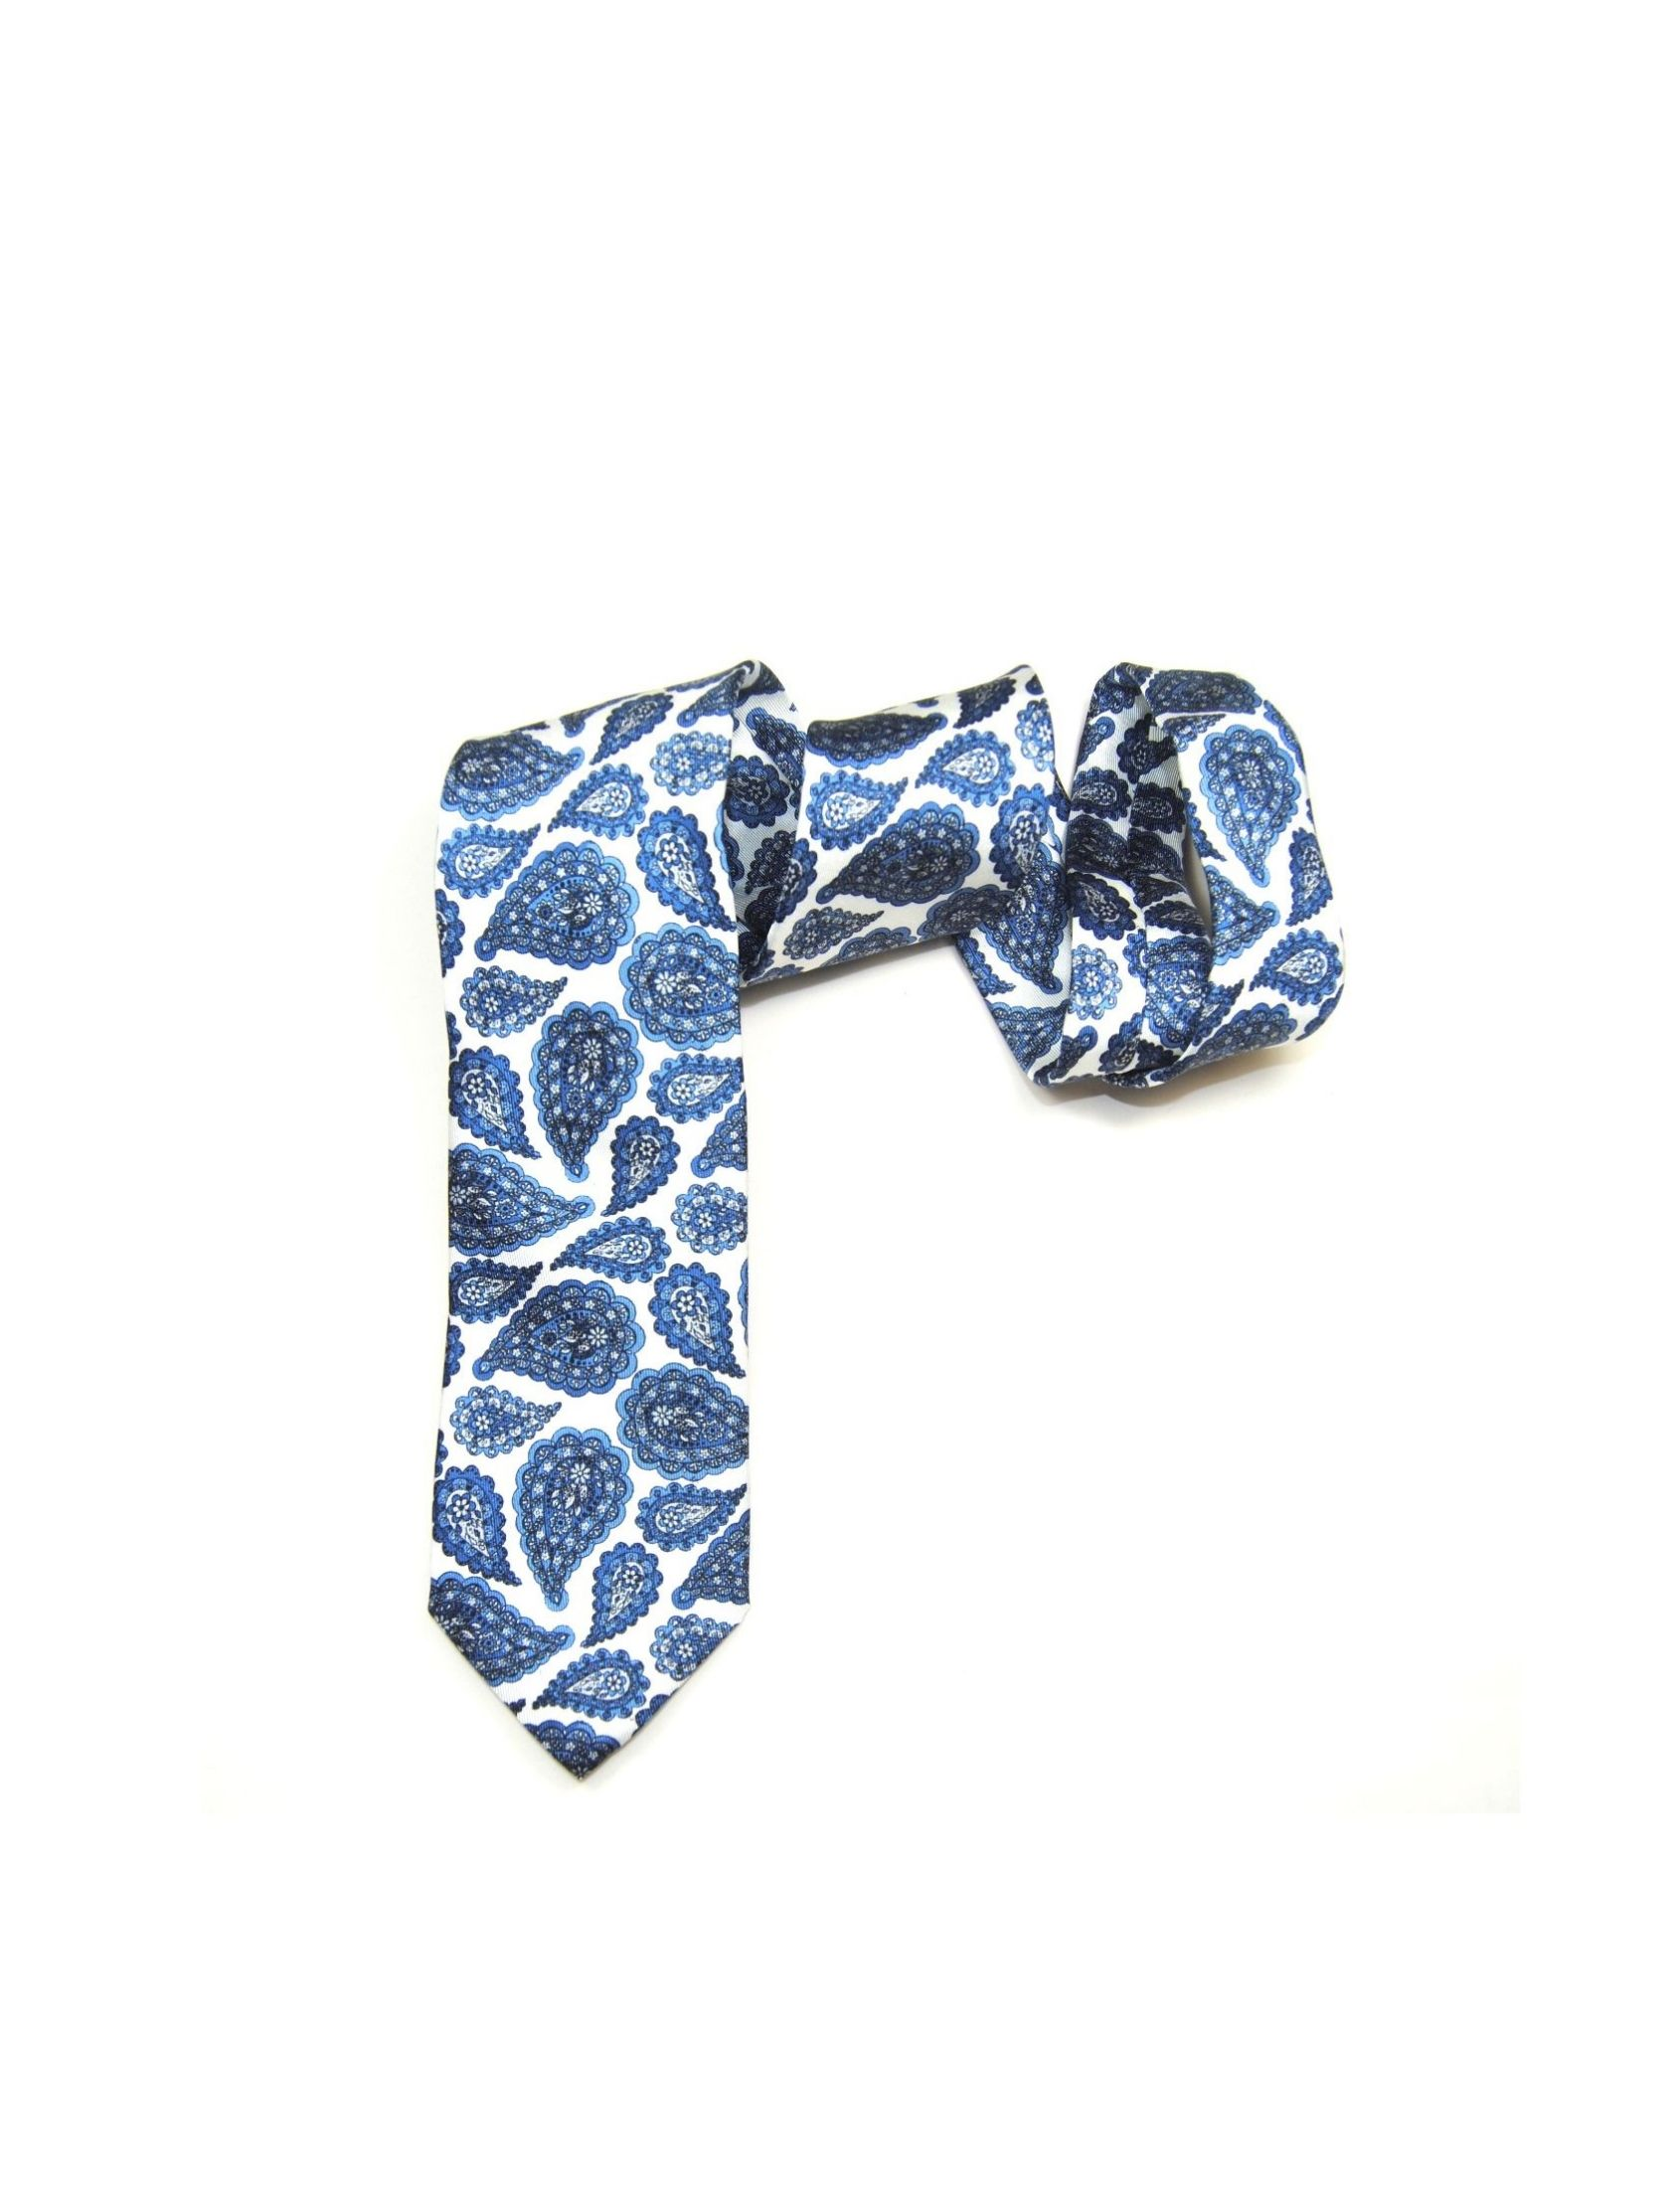 corbata hombre con estampado de amebas en tonos azul y fondo blanco roto